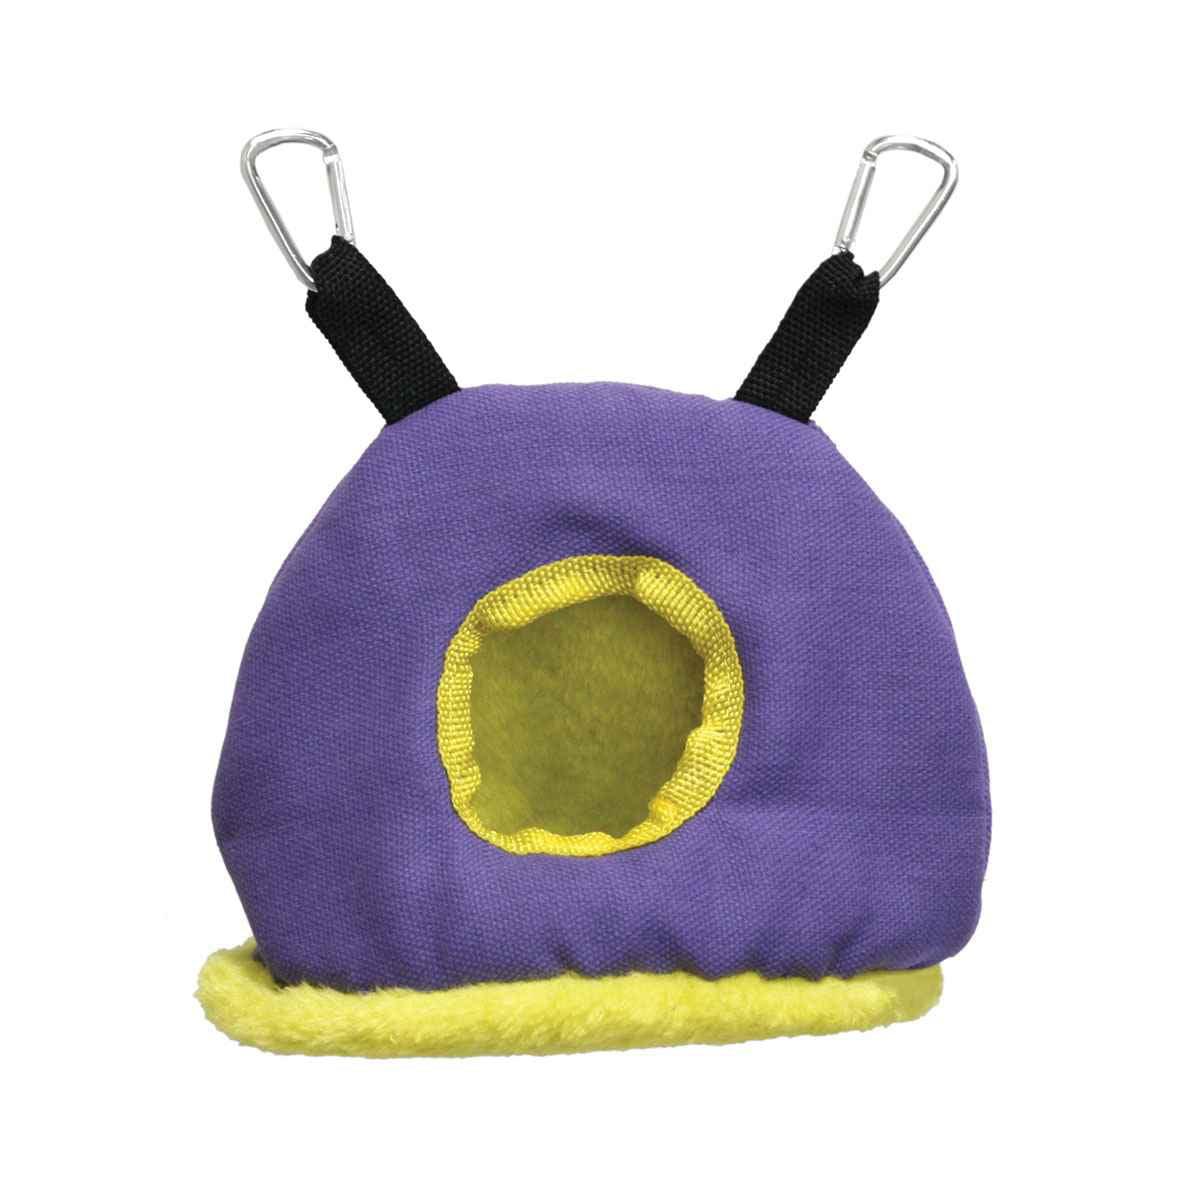 Prevue Pet Small Purple Snuggle Sack - 1167P